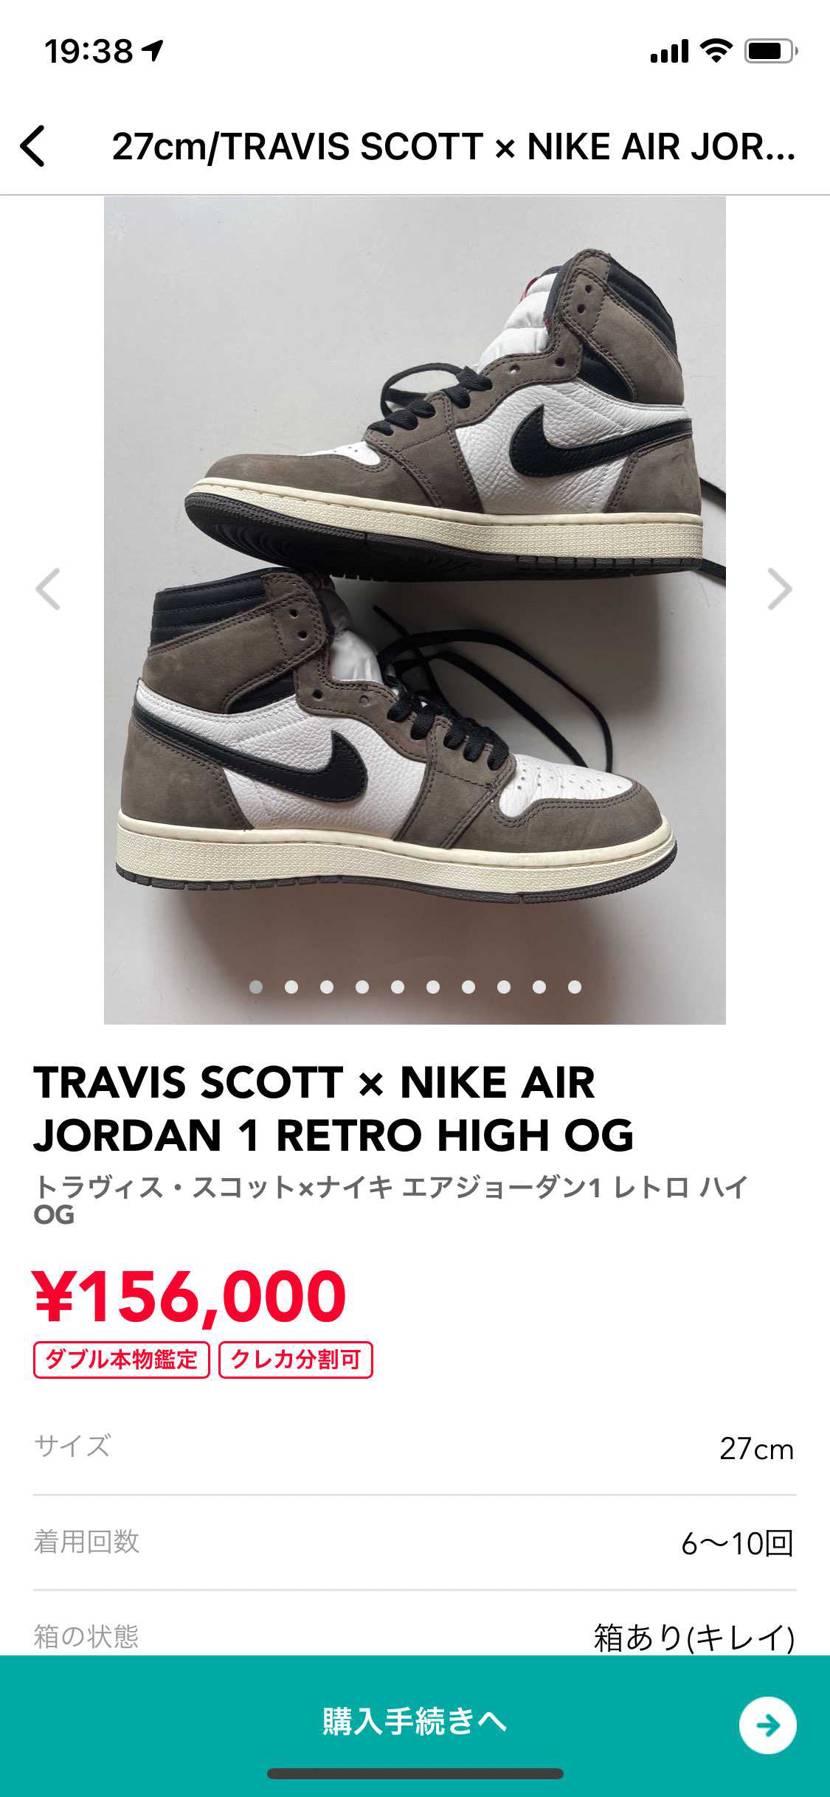 こちら14万円まで値下げ頂くことは難しいでしょうか。真剣に購入したいと考えており